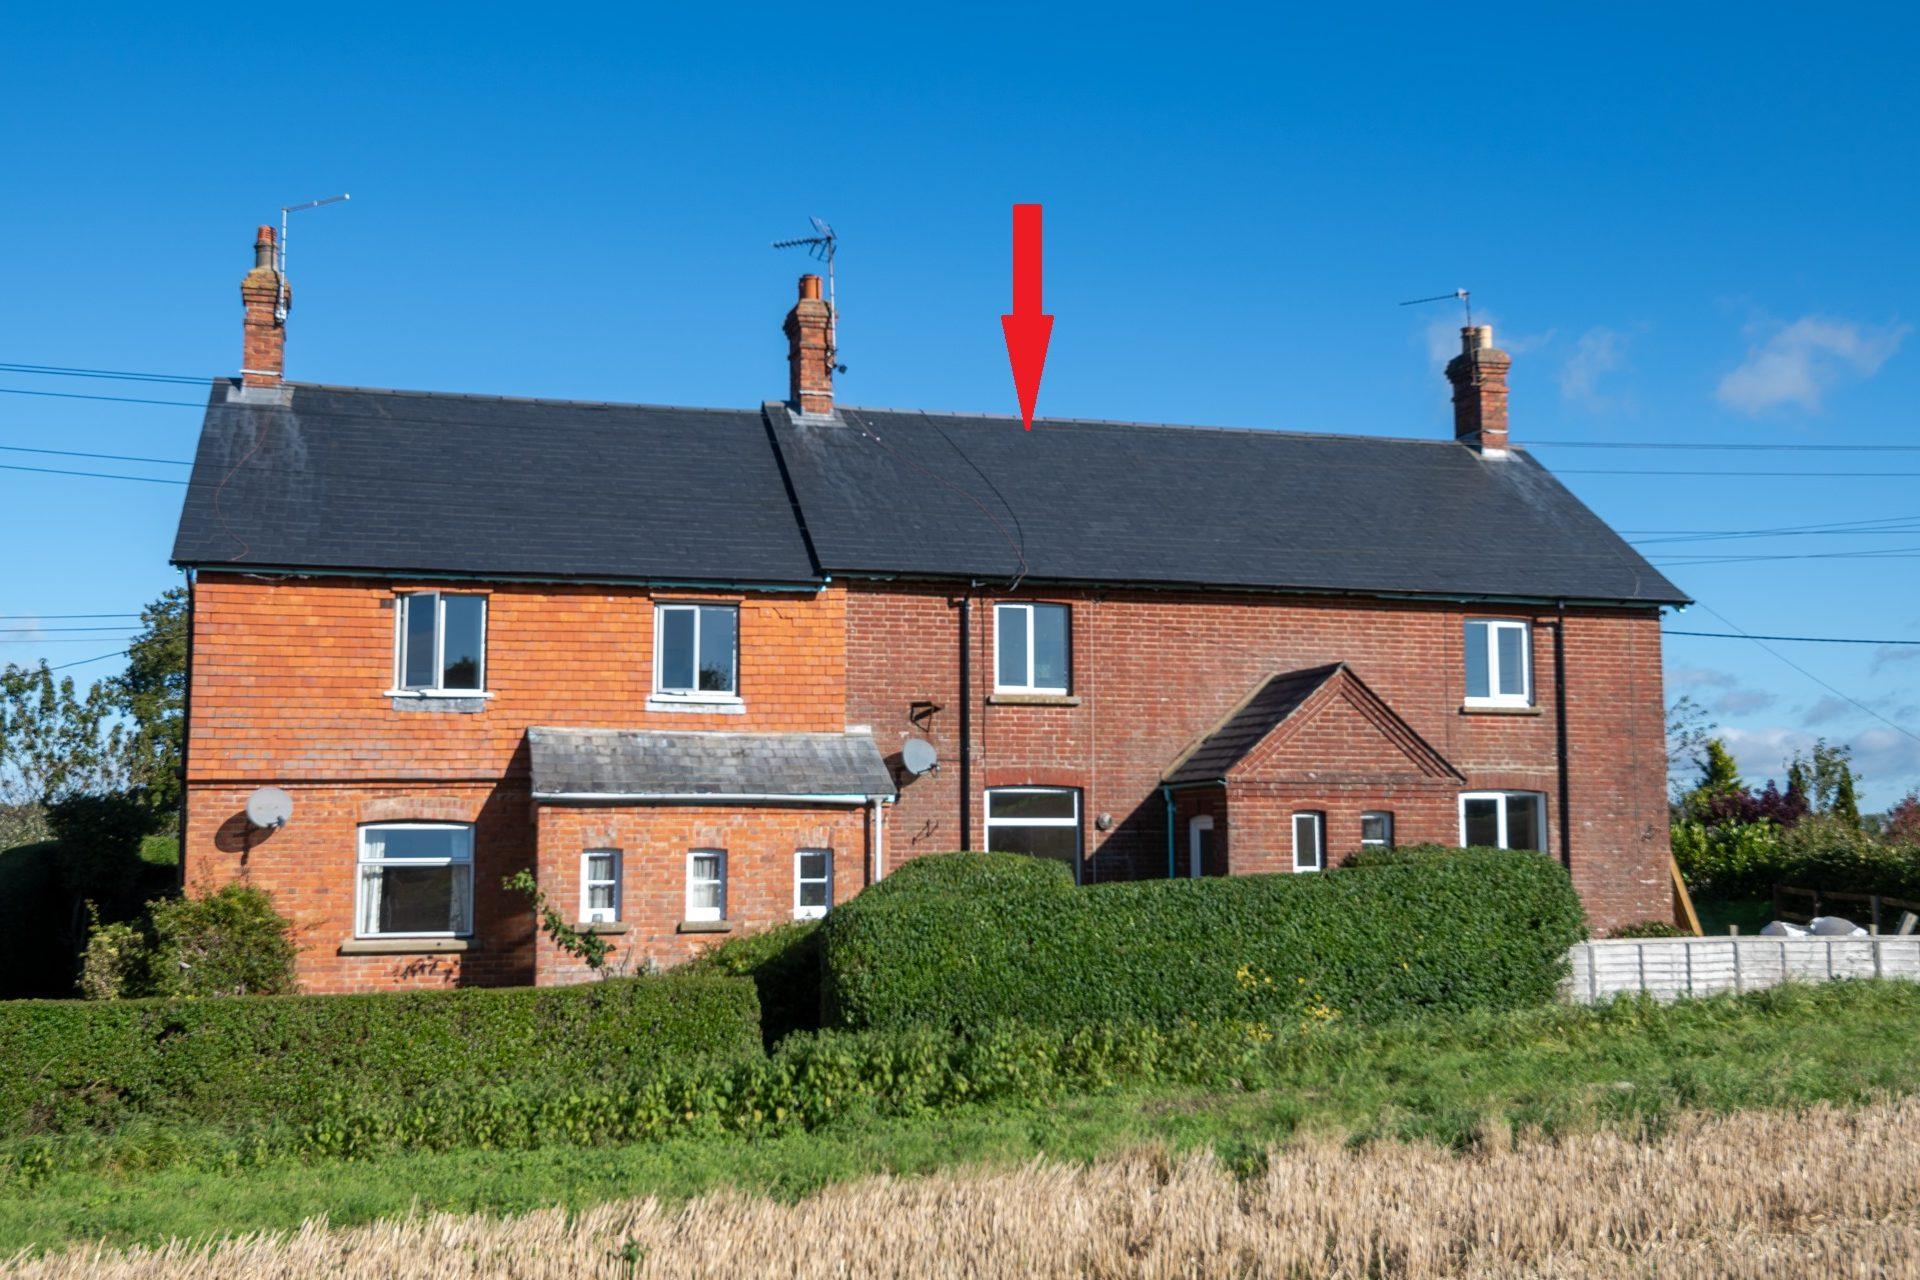 No. 5 Drove Cottages